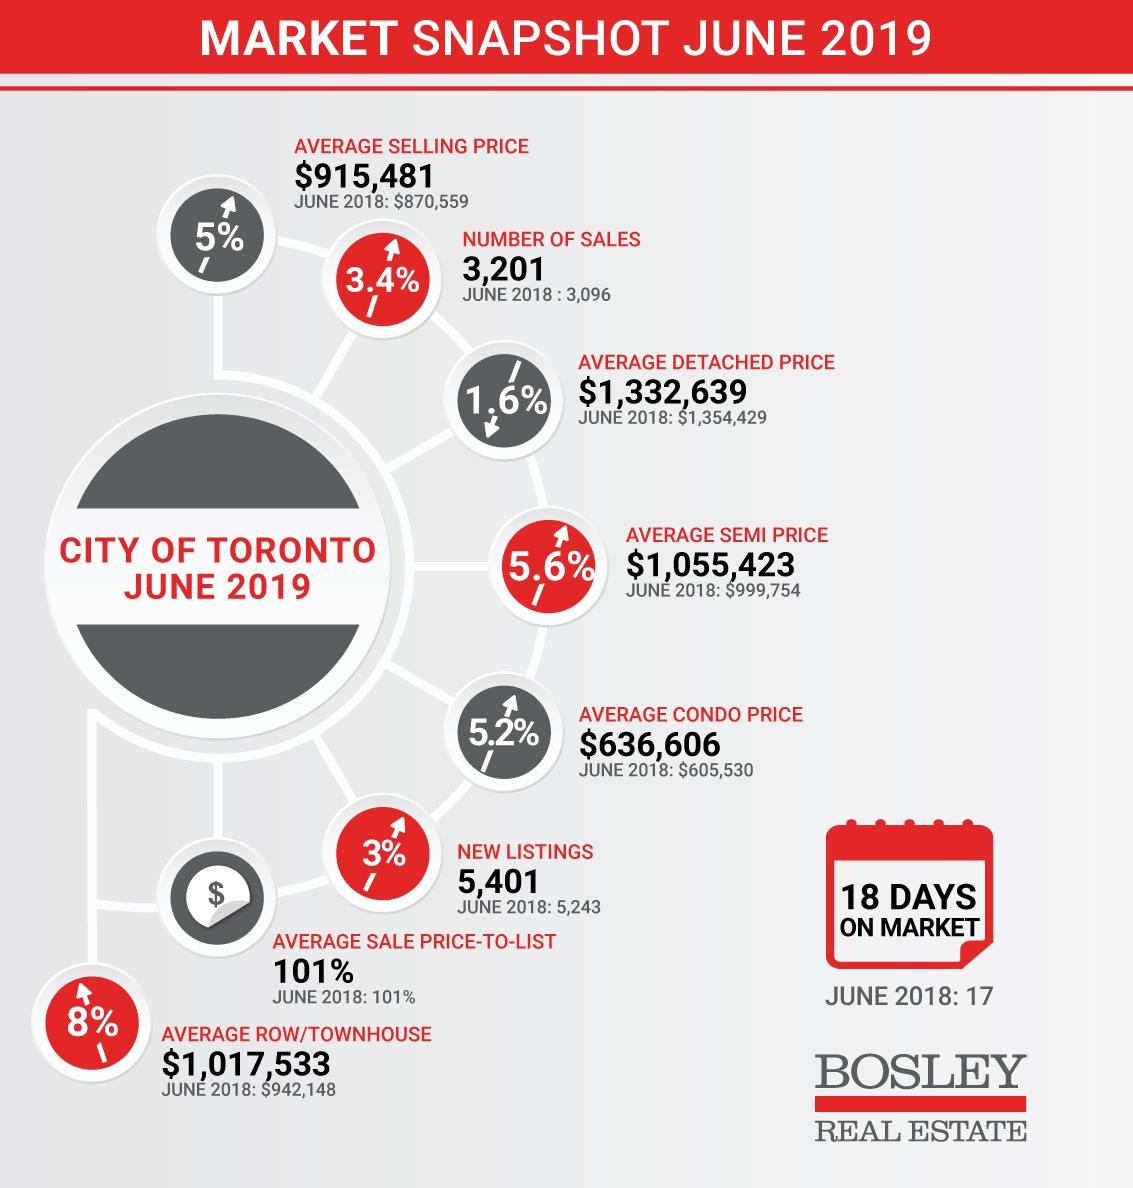 Social-Media-size-JUNE-2019-Market-Snapshot-Infographic.jpg